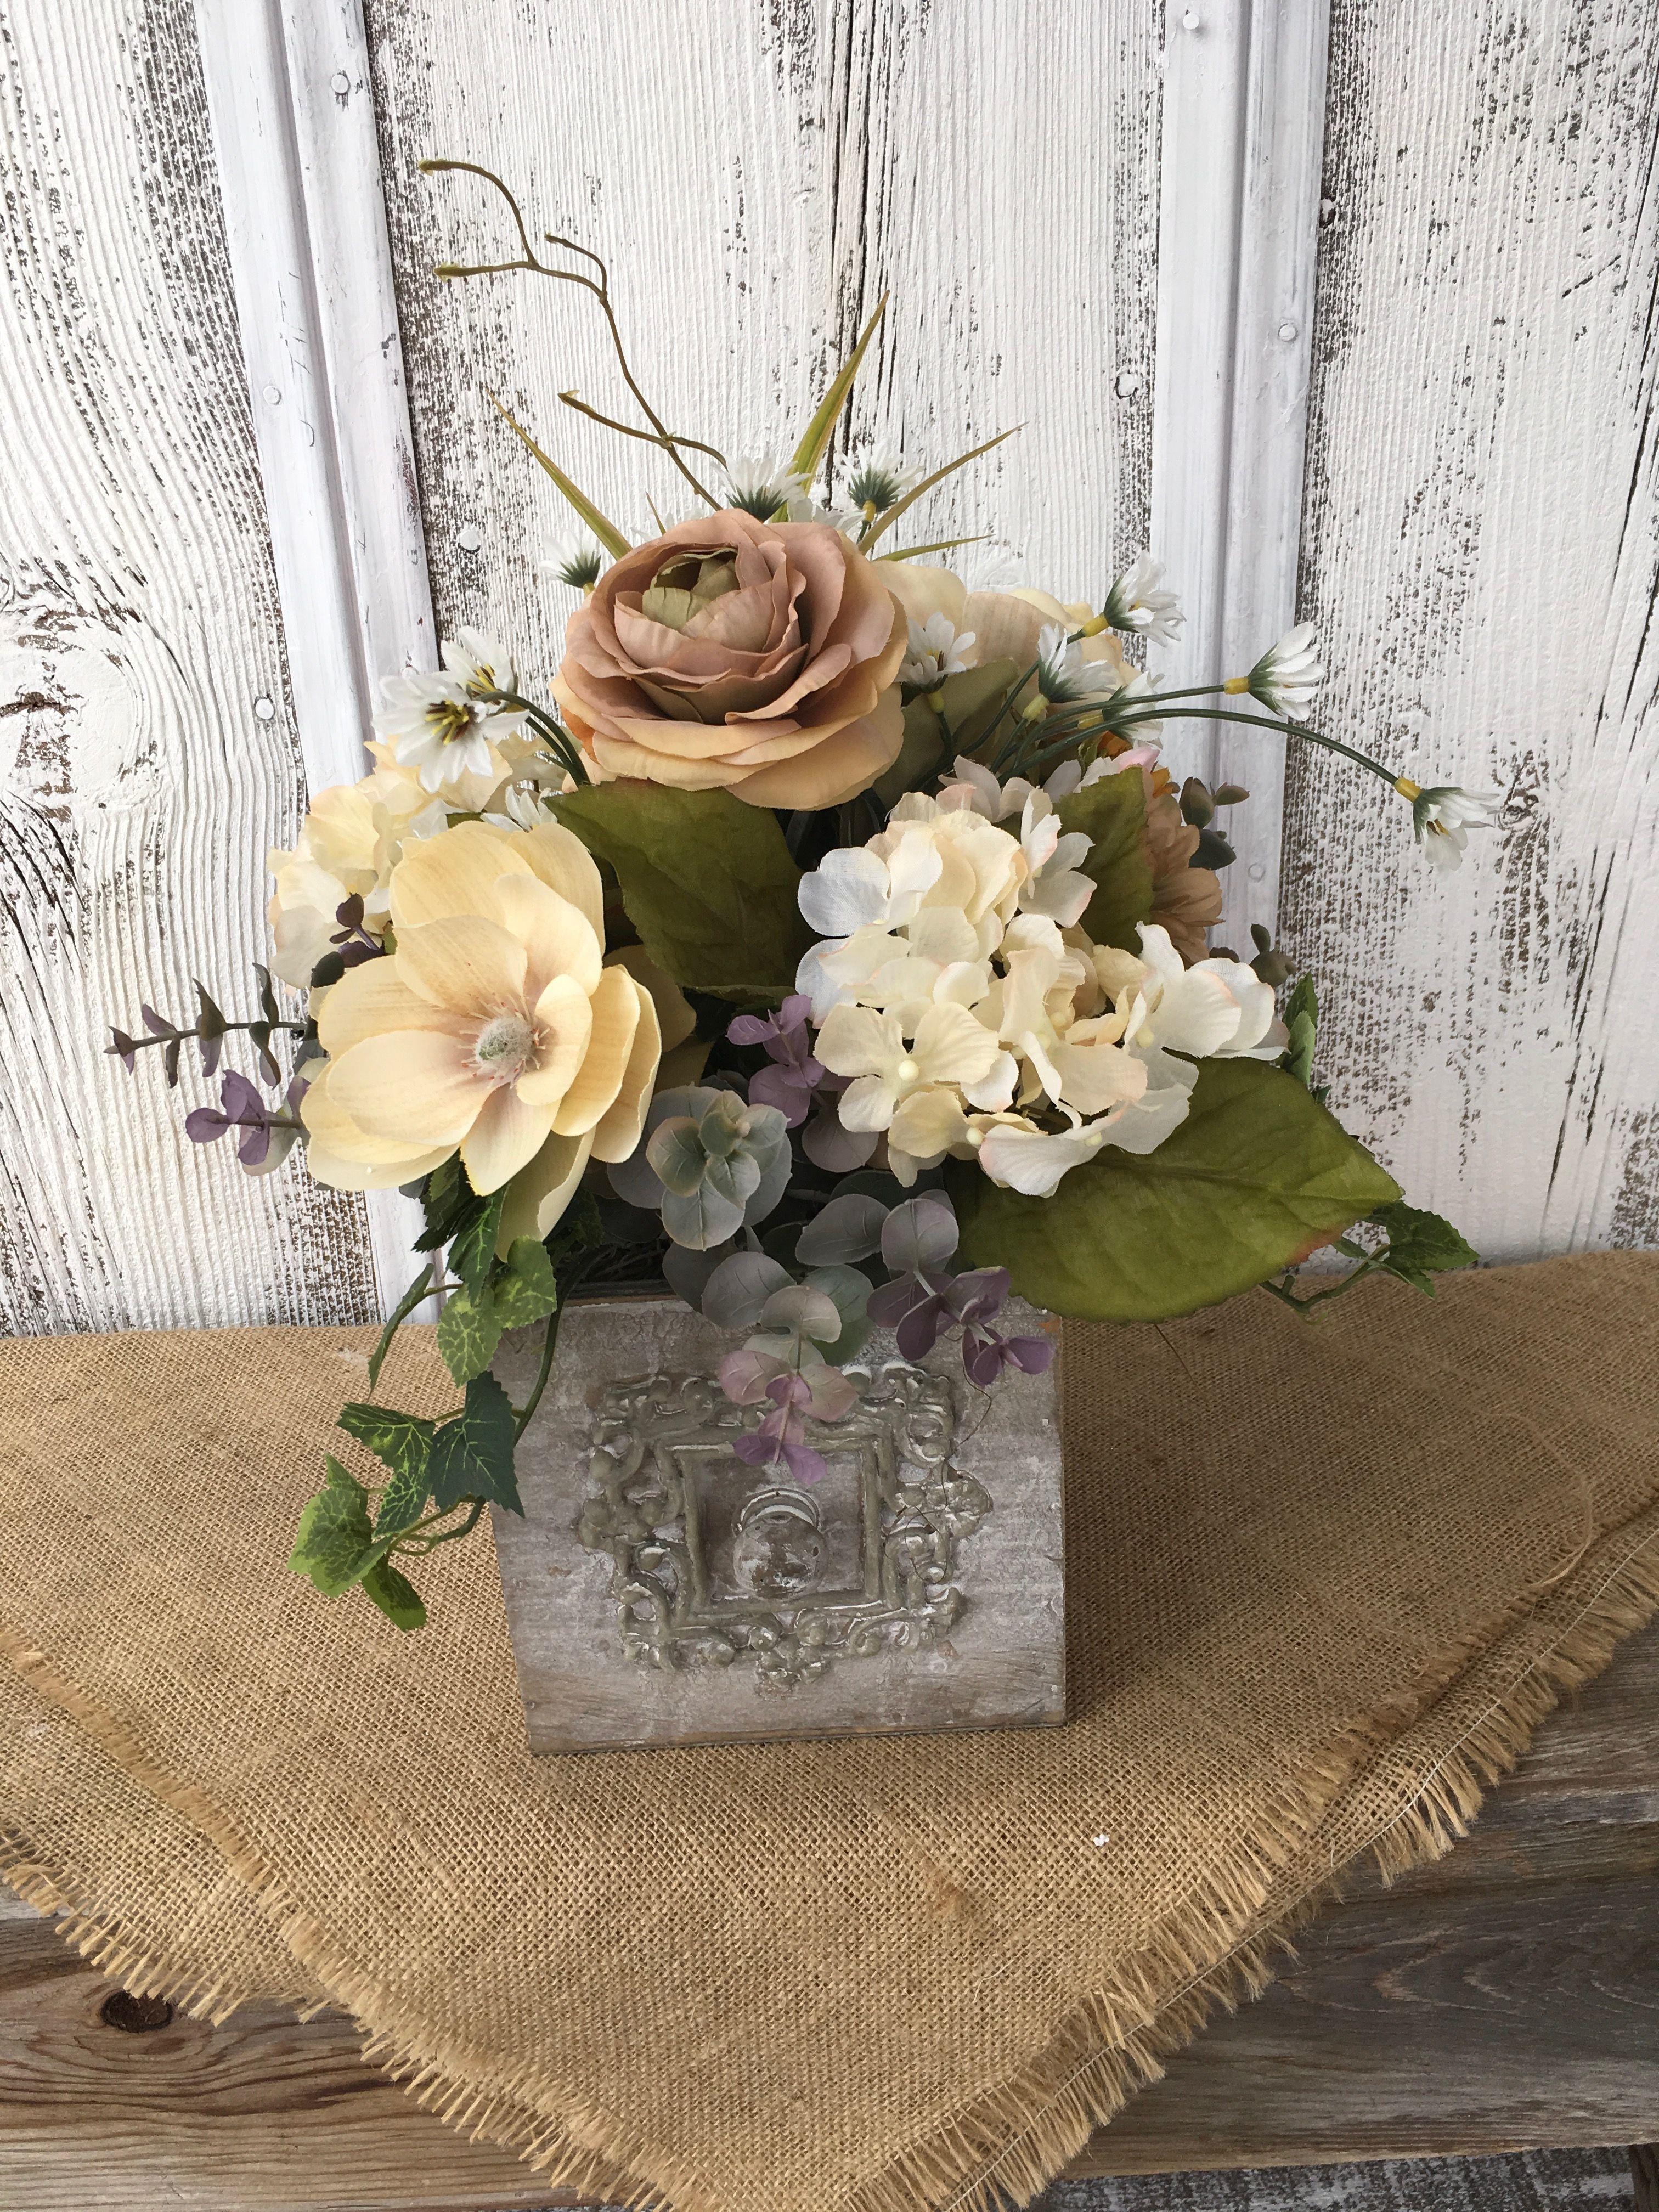 Rustic Floral Arrangement Floral Centerpieces And